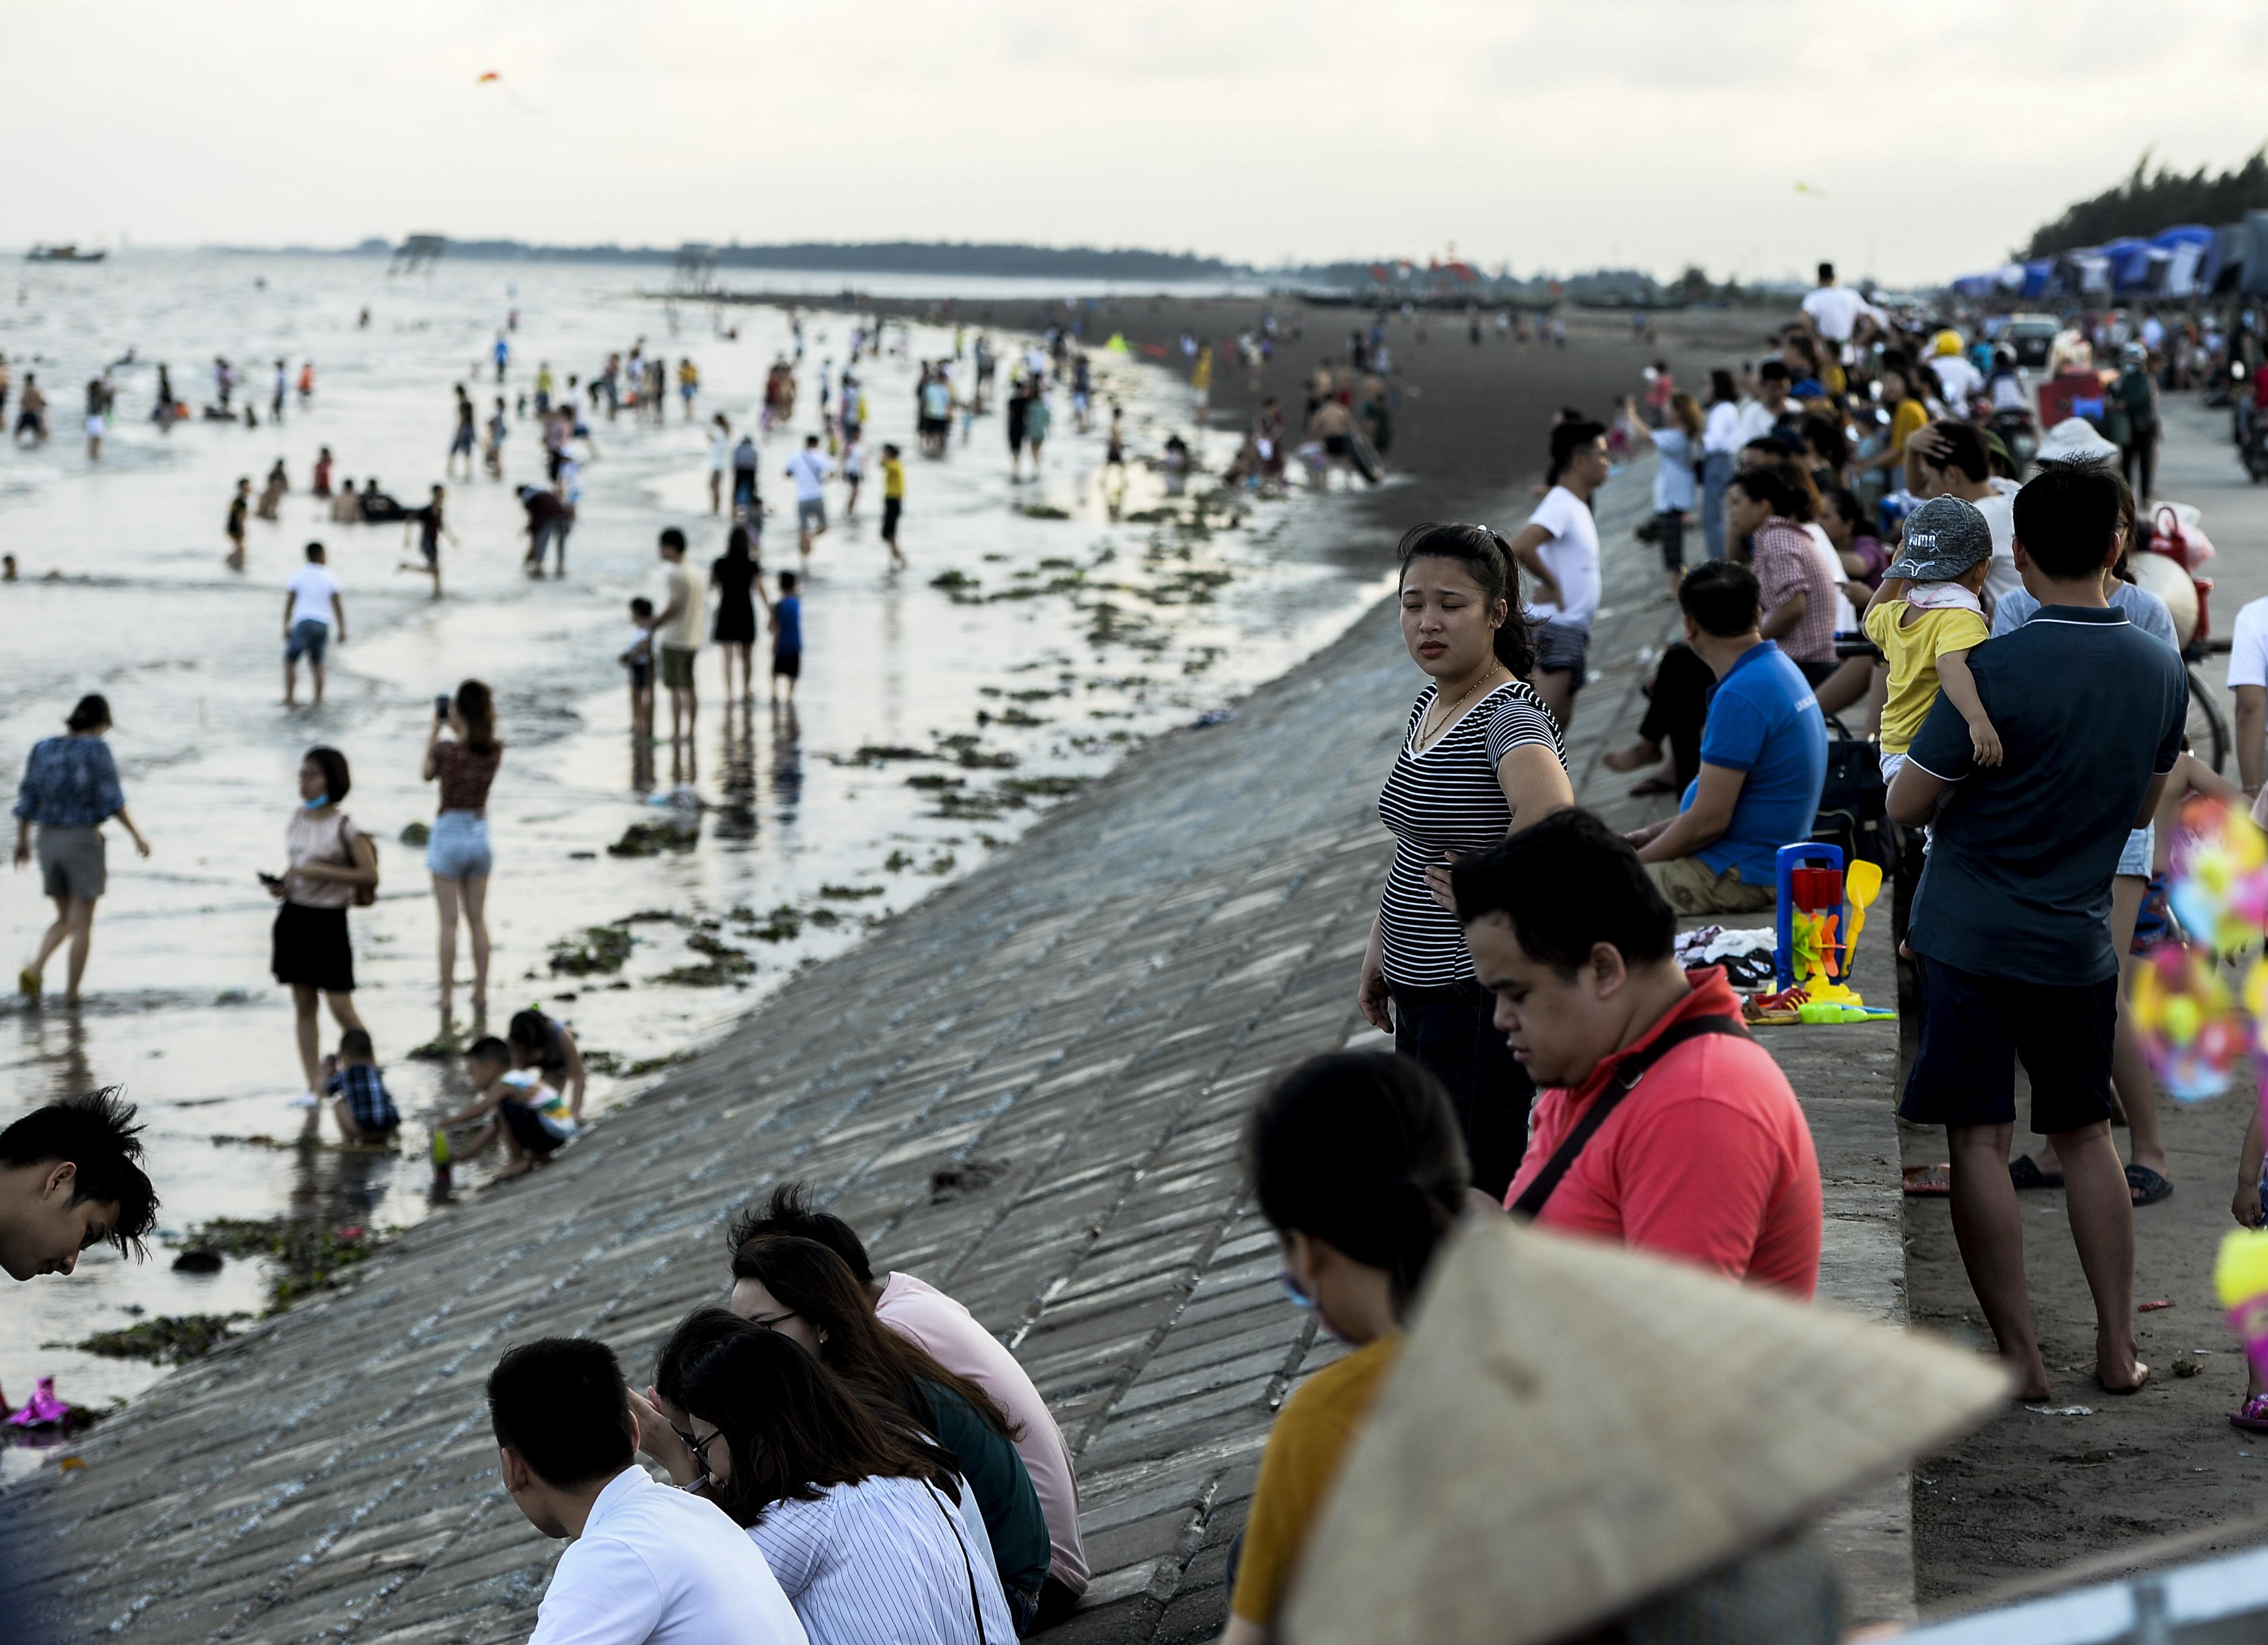 Ngày thứ 3 dịp nghỉ lễ, bãi biển Quất Lâm đông kín người, du khách tắm chung bèo, rác - Ảnh 3.